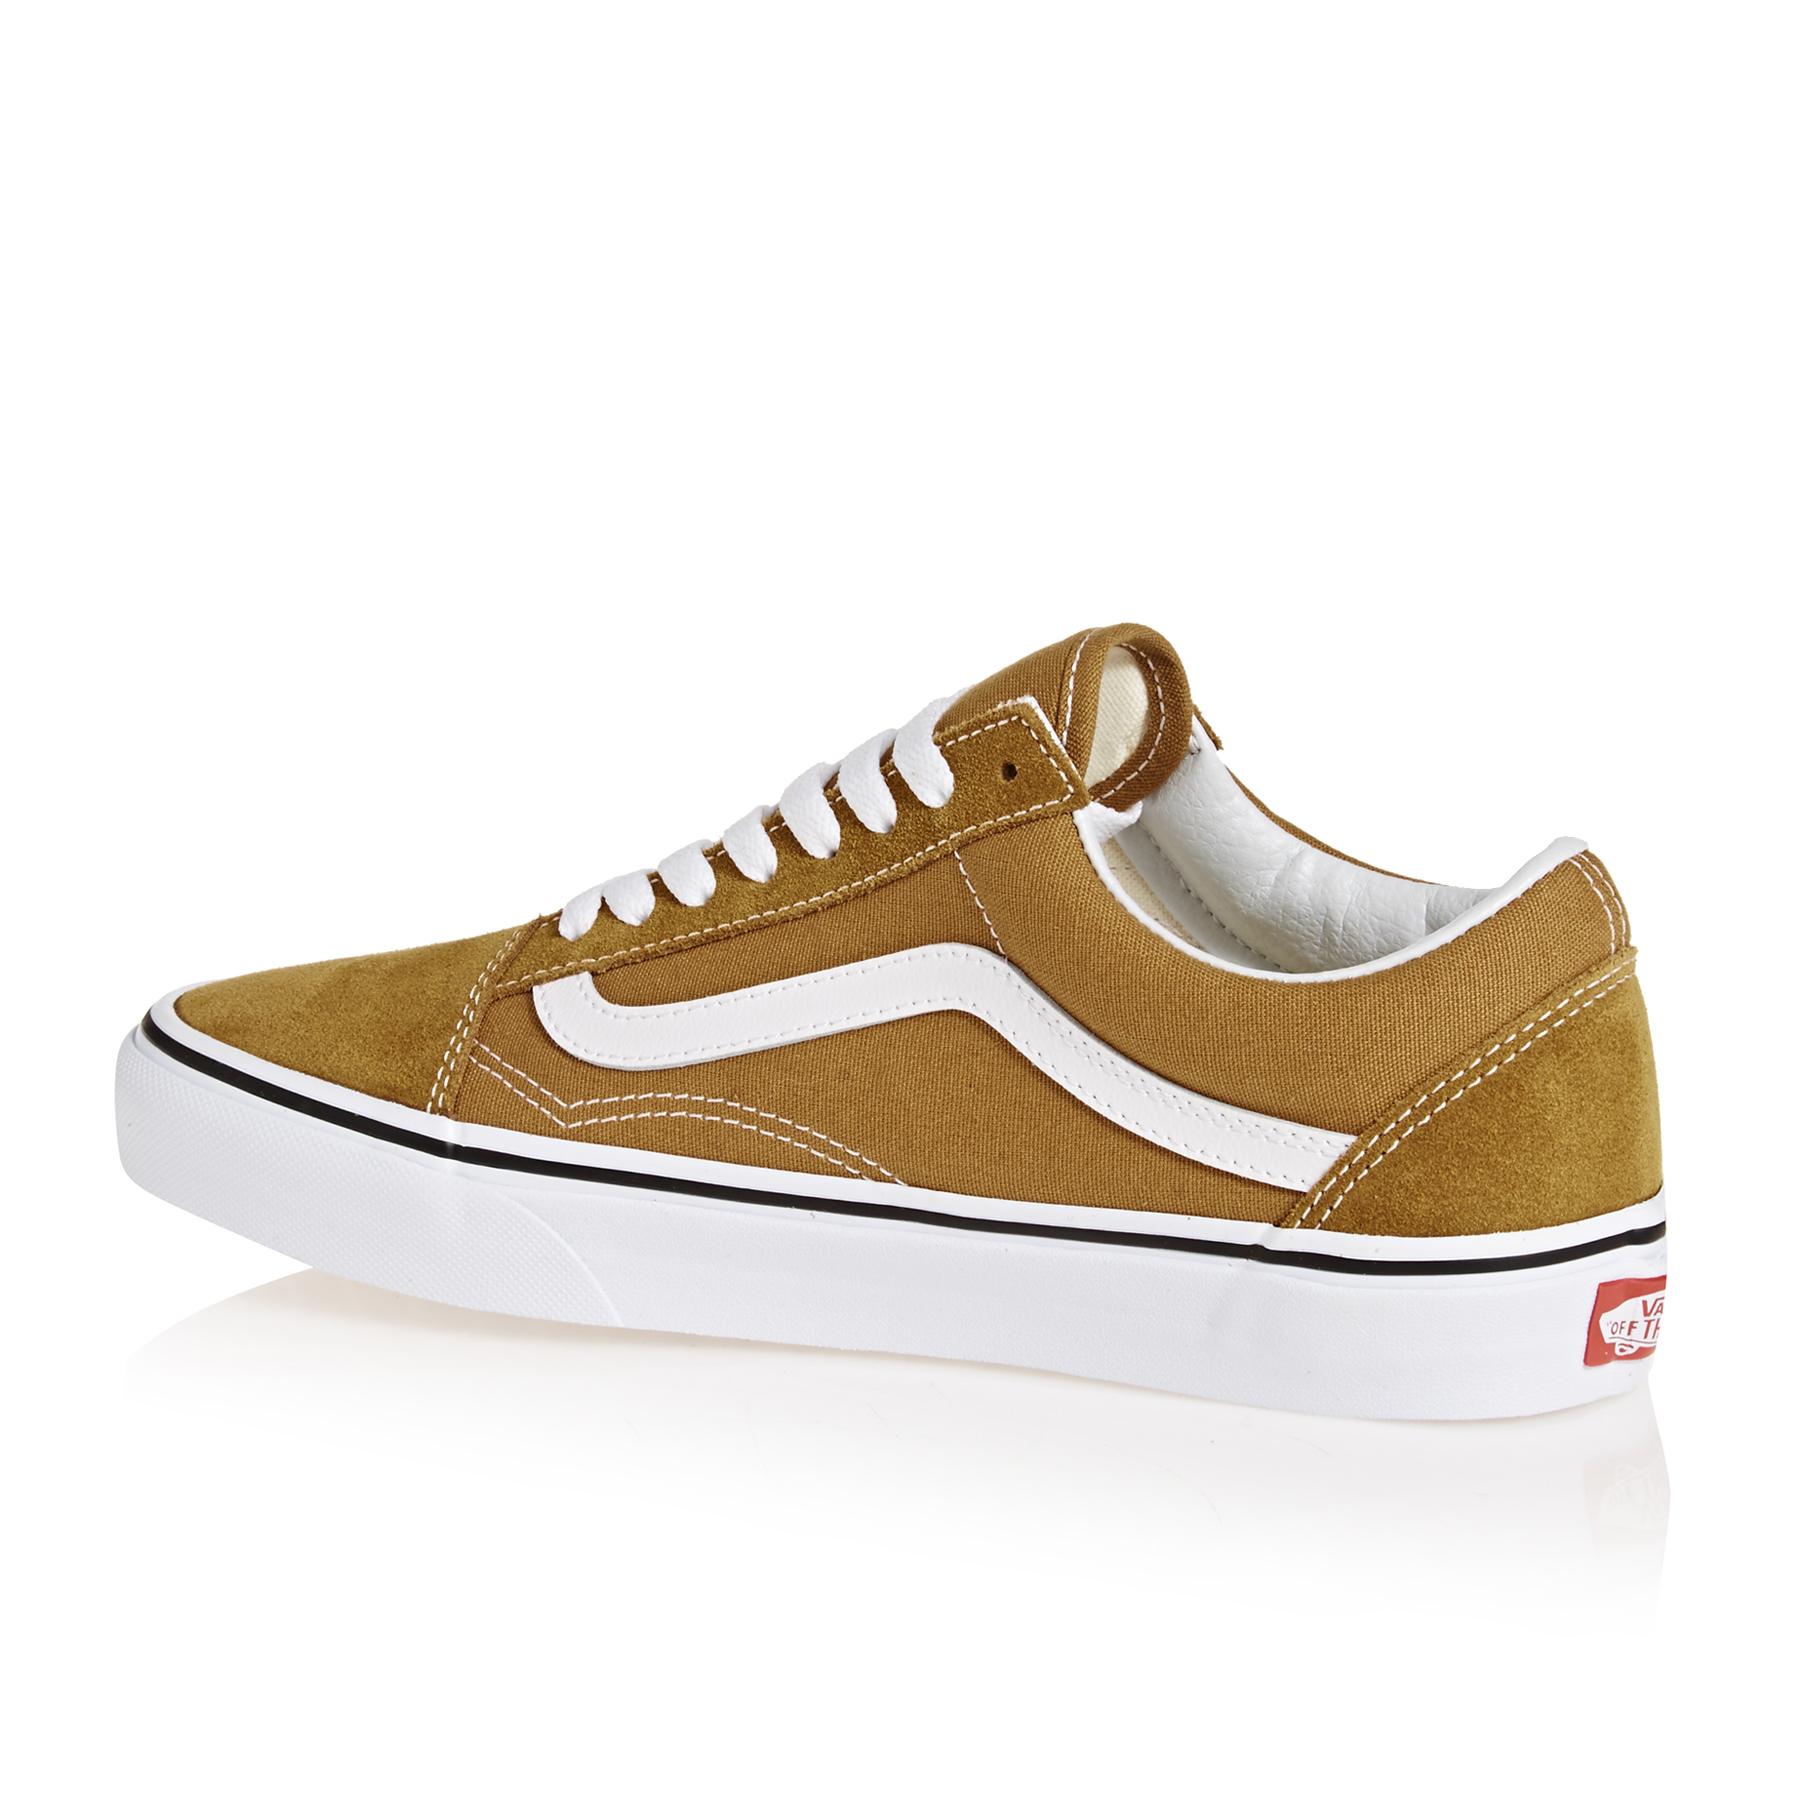 Chaussures Vans Old Skool | Livraison gratuite dès 30</p>                 <!--bof Quantity Discounts table -->                                 <!--eof Quantity Discounts table -->                  <!--bof Product URL -->                                 <!--eof Product URL -->             </div>             <div id=